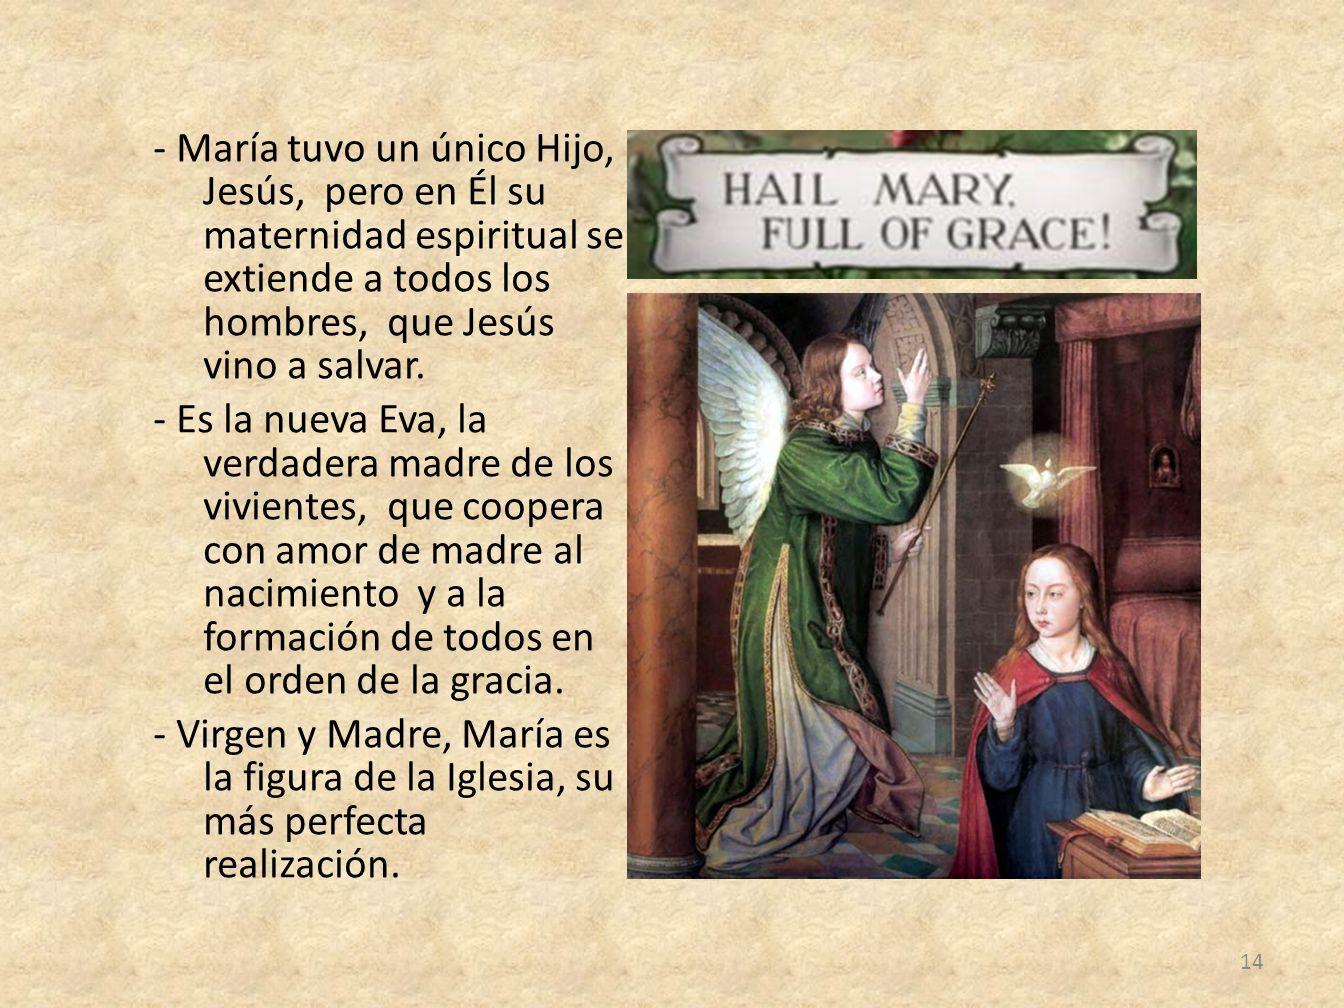 - María tuvo un único Hijo, Jesús, pero en Él su maternidad espiritual se extiende a todos los hombres, que Jesús vino a salvar.